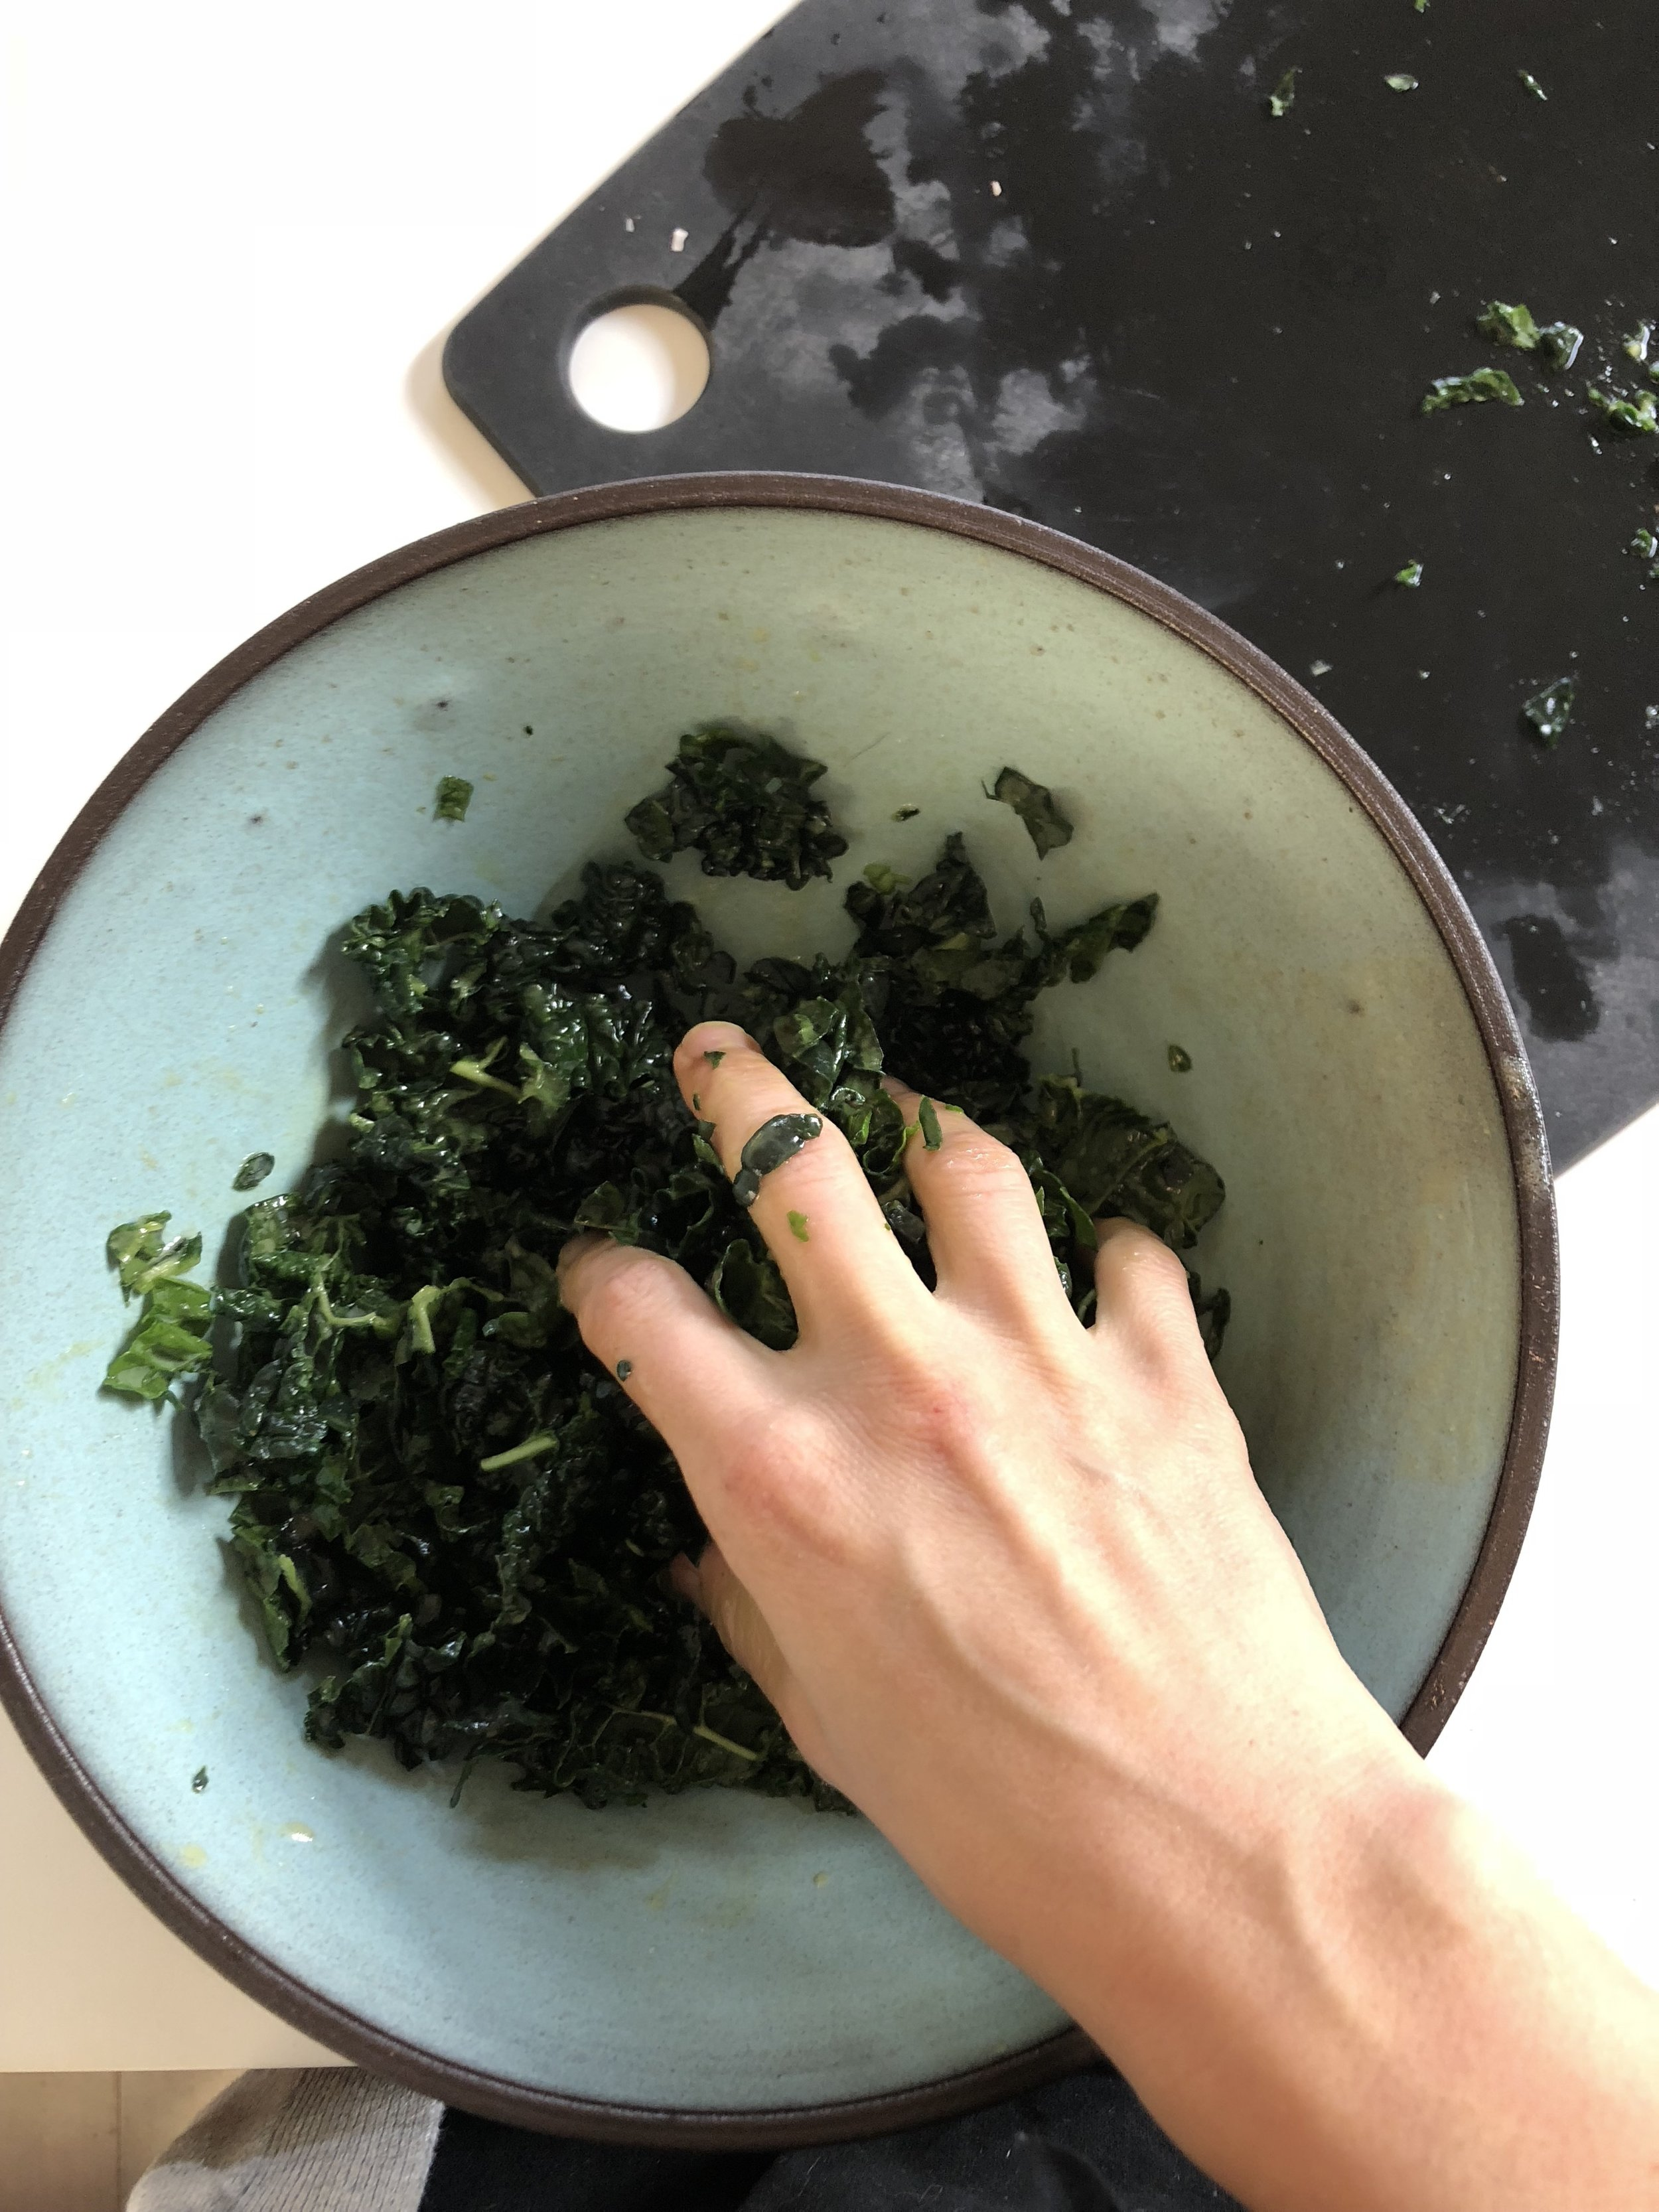 vinaigrette and kale